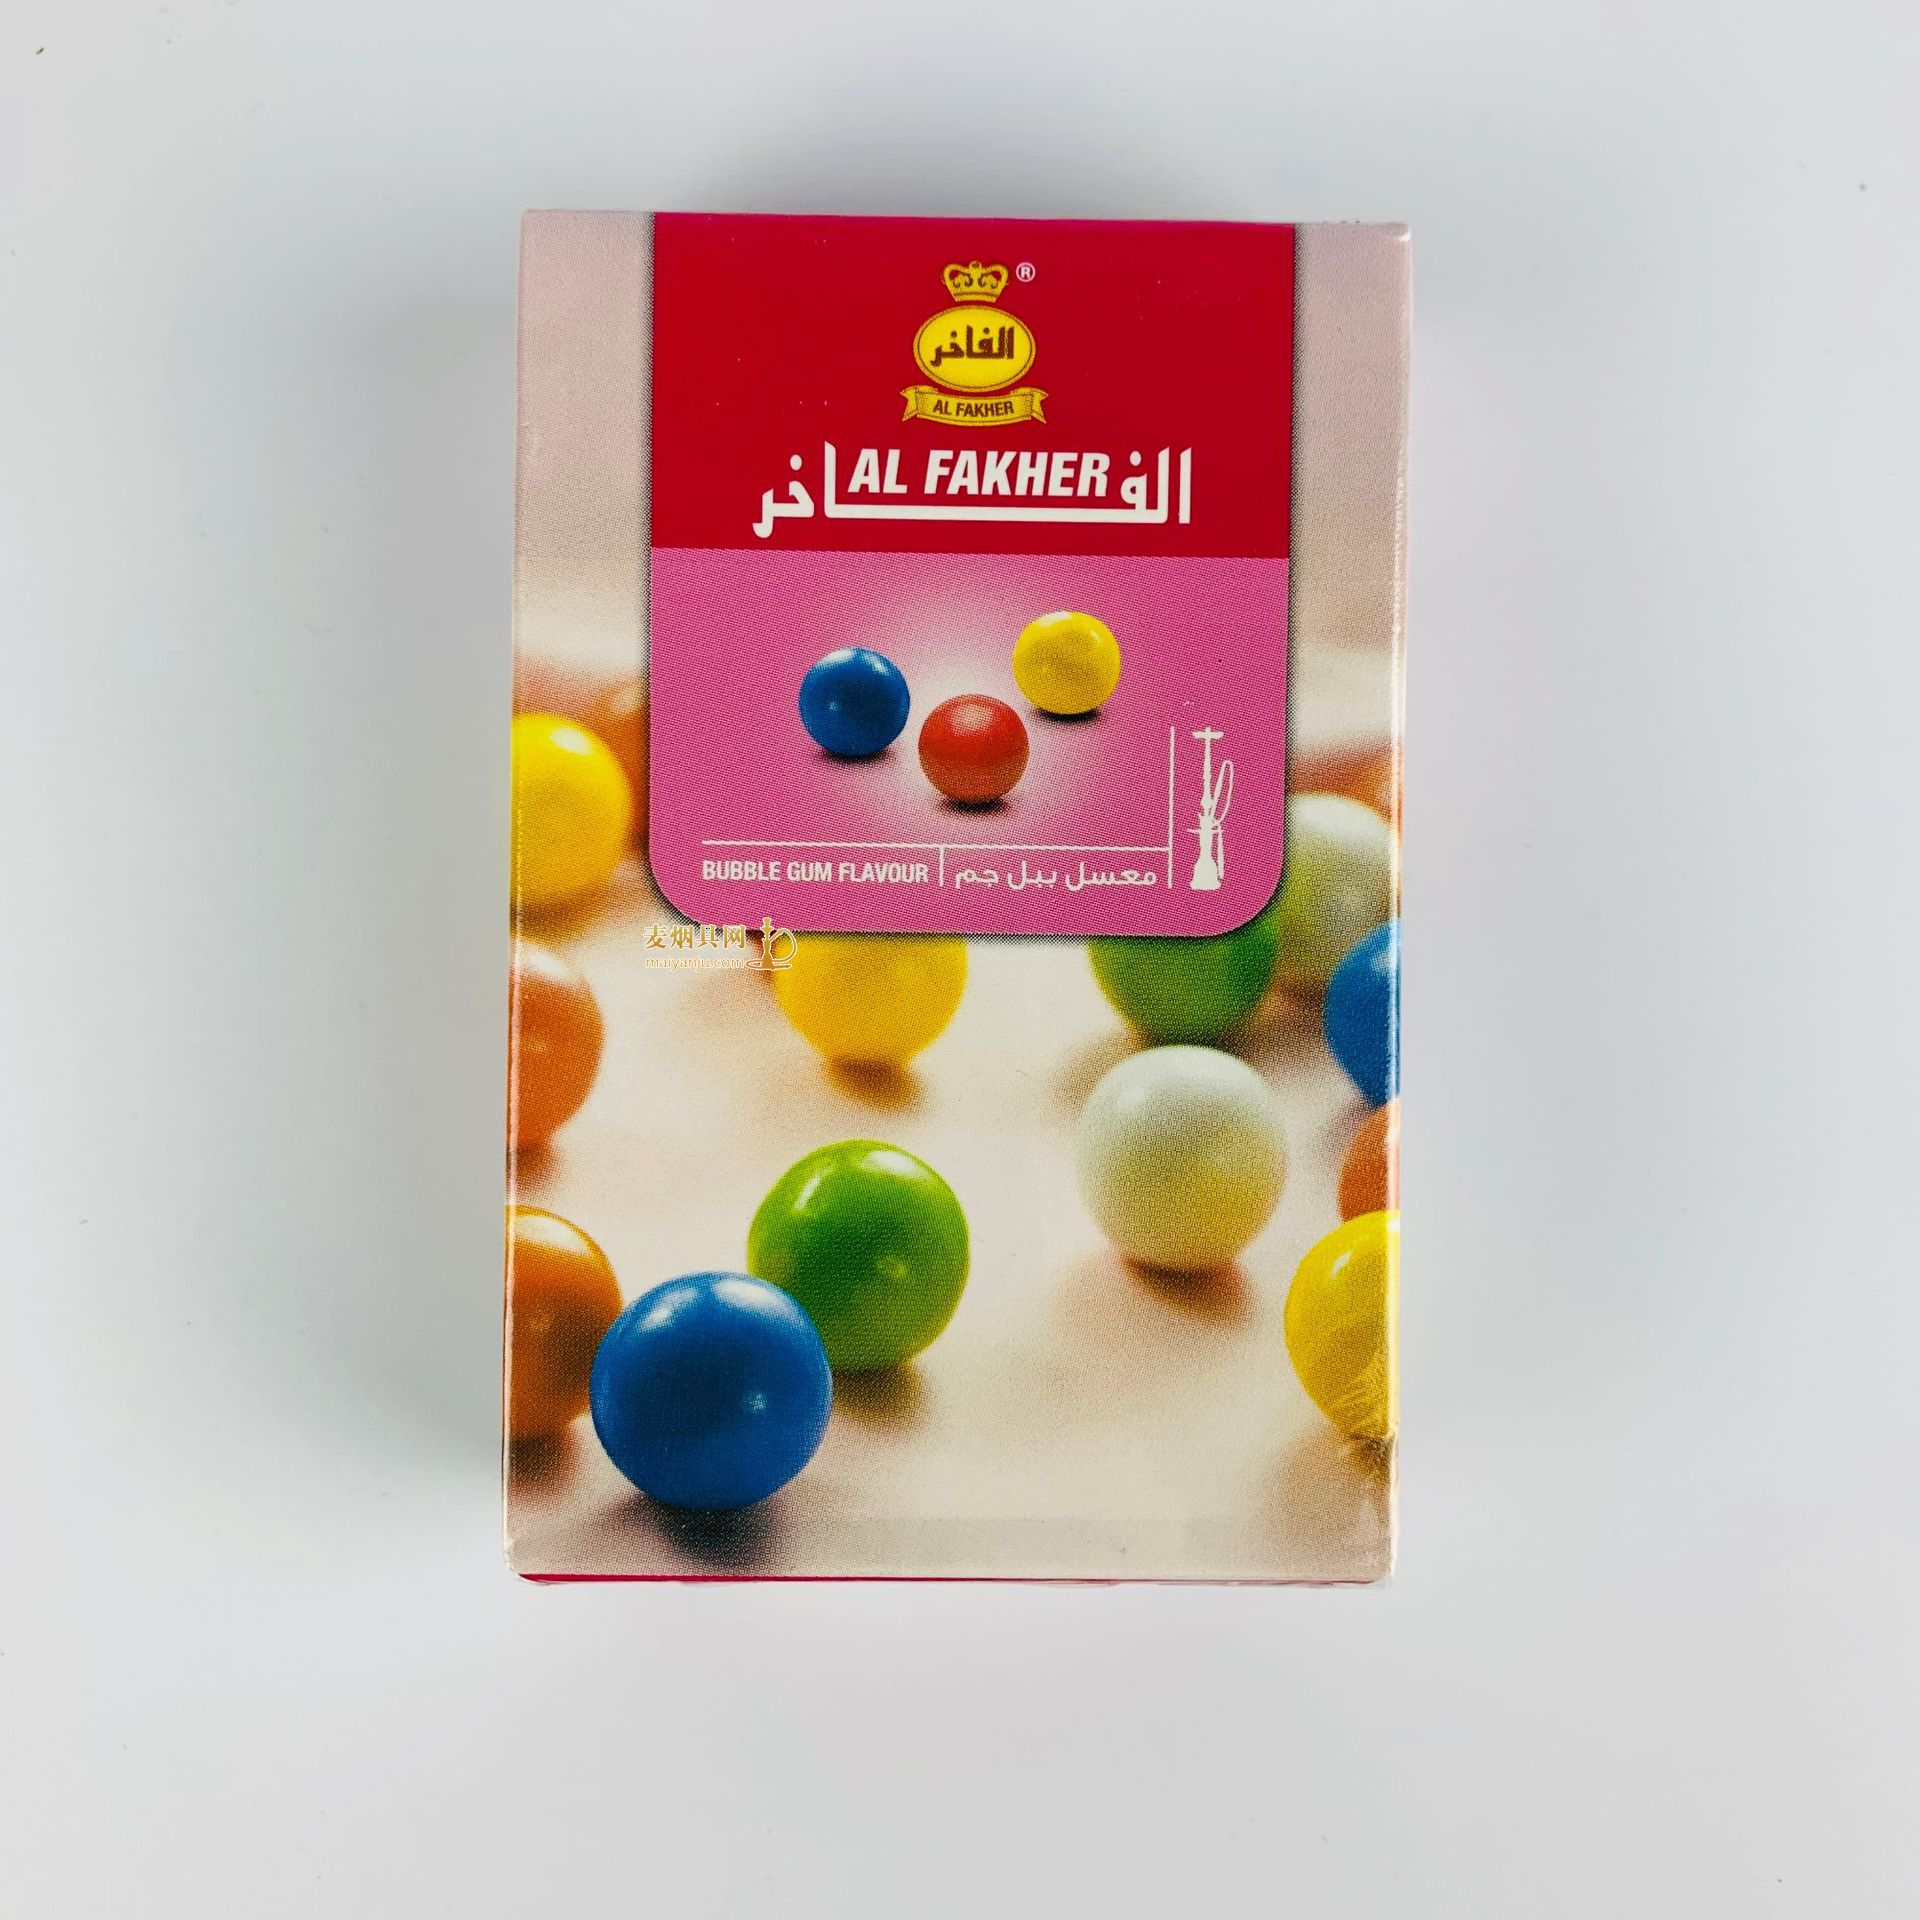 阿尔法赫alfakher50克水烟膏七彩泡泡糖口味